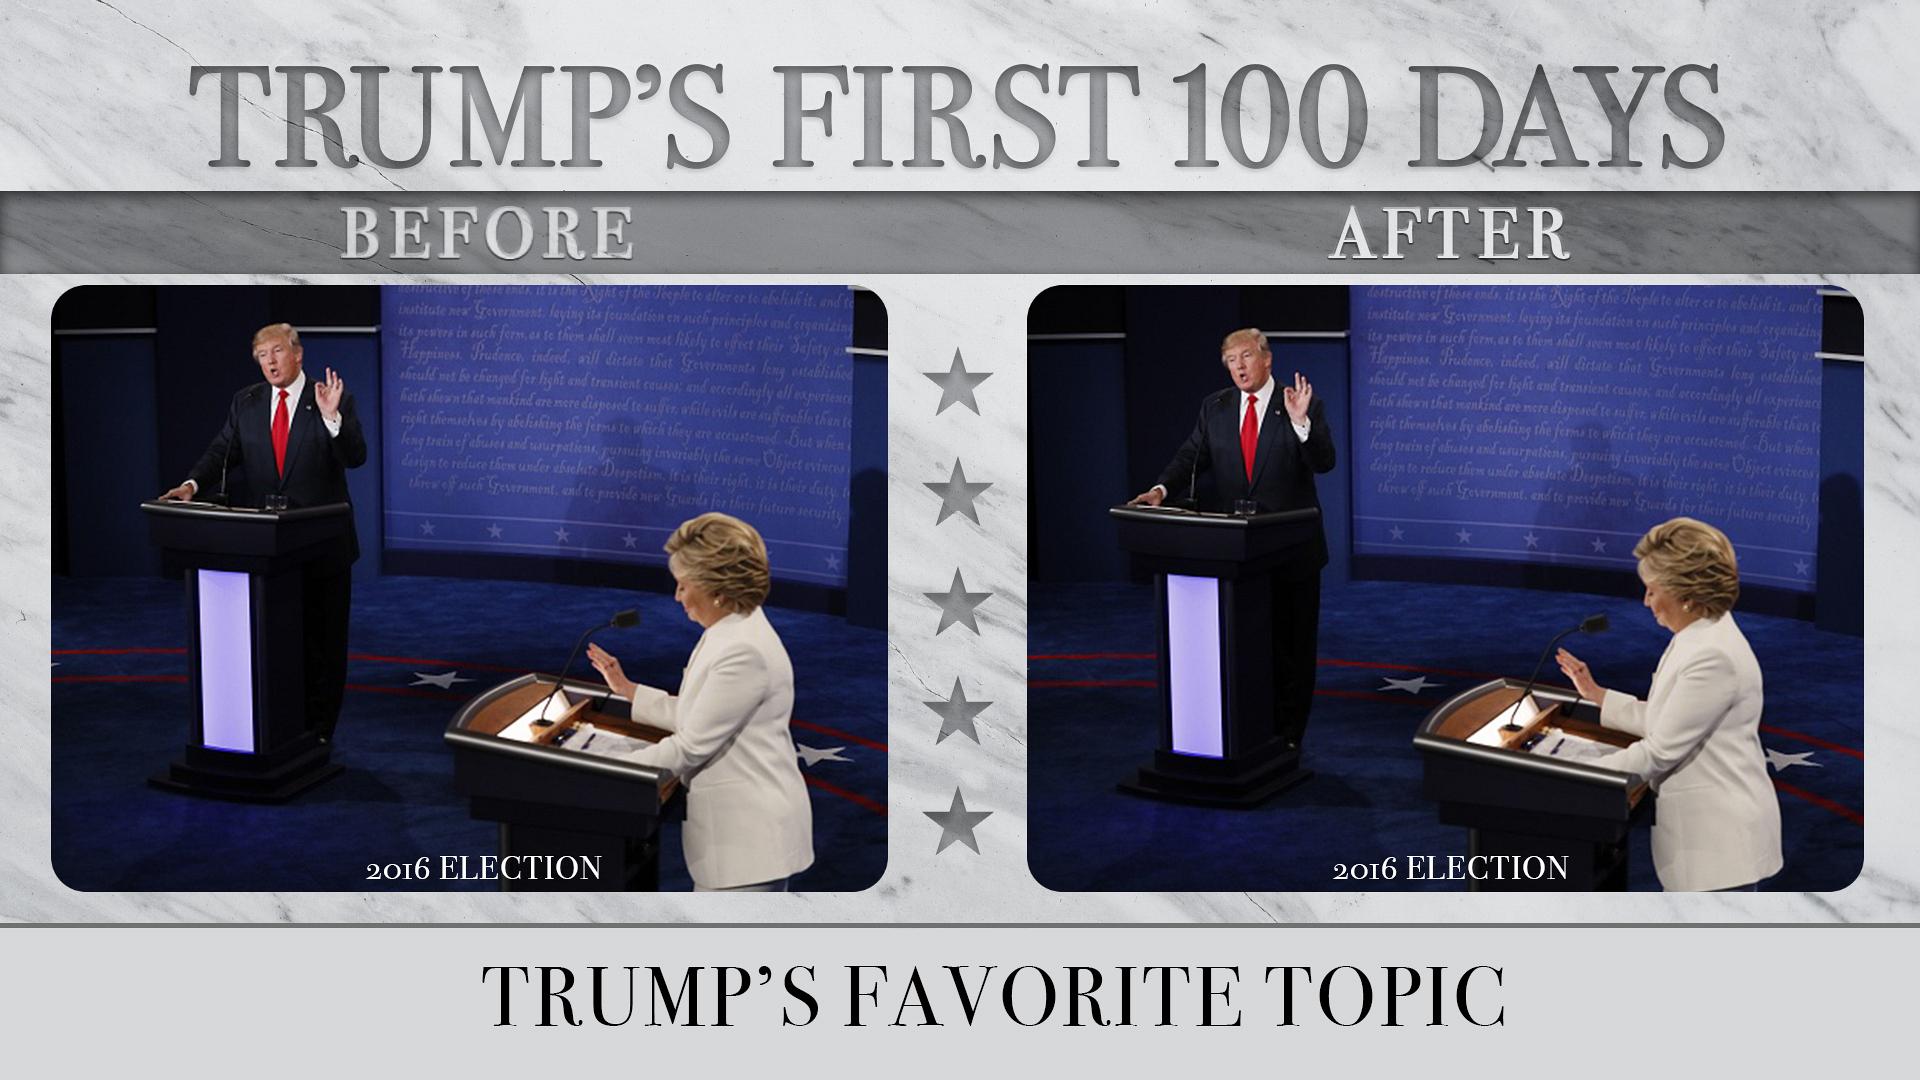 Trump's Favorite Topic